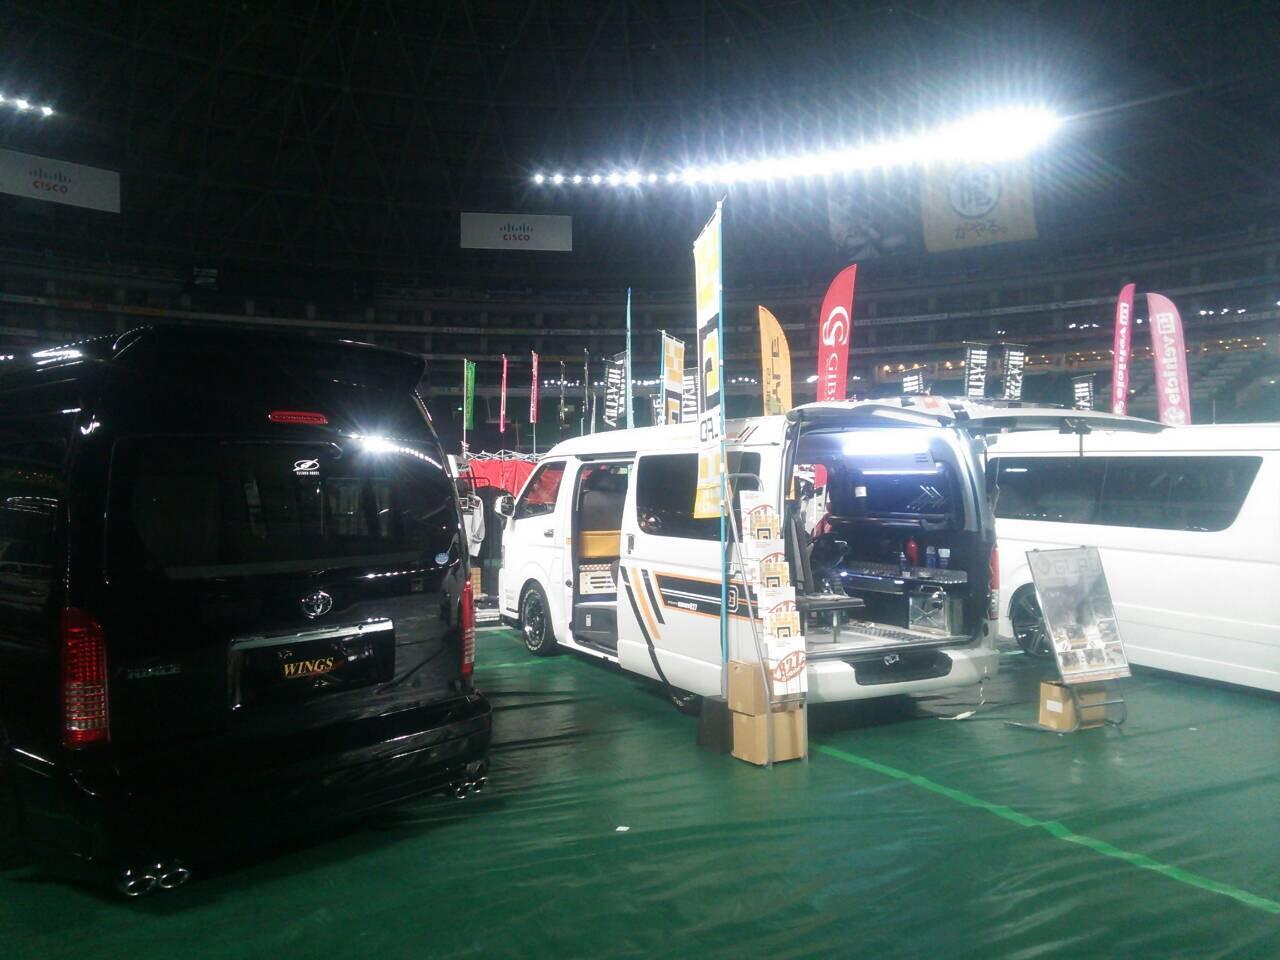 福岡カスタムカーショー2015 オグショー827よりGLADデモカー出展! 片面2段ベッド「ステップベッド」搭載のバイクトランポ!